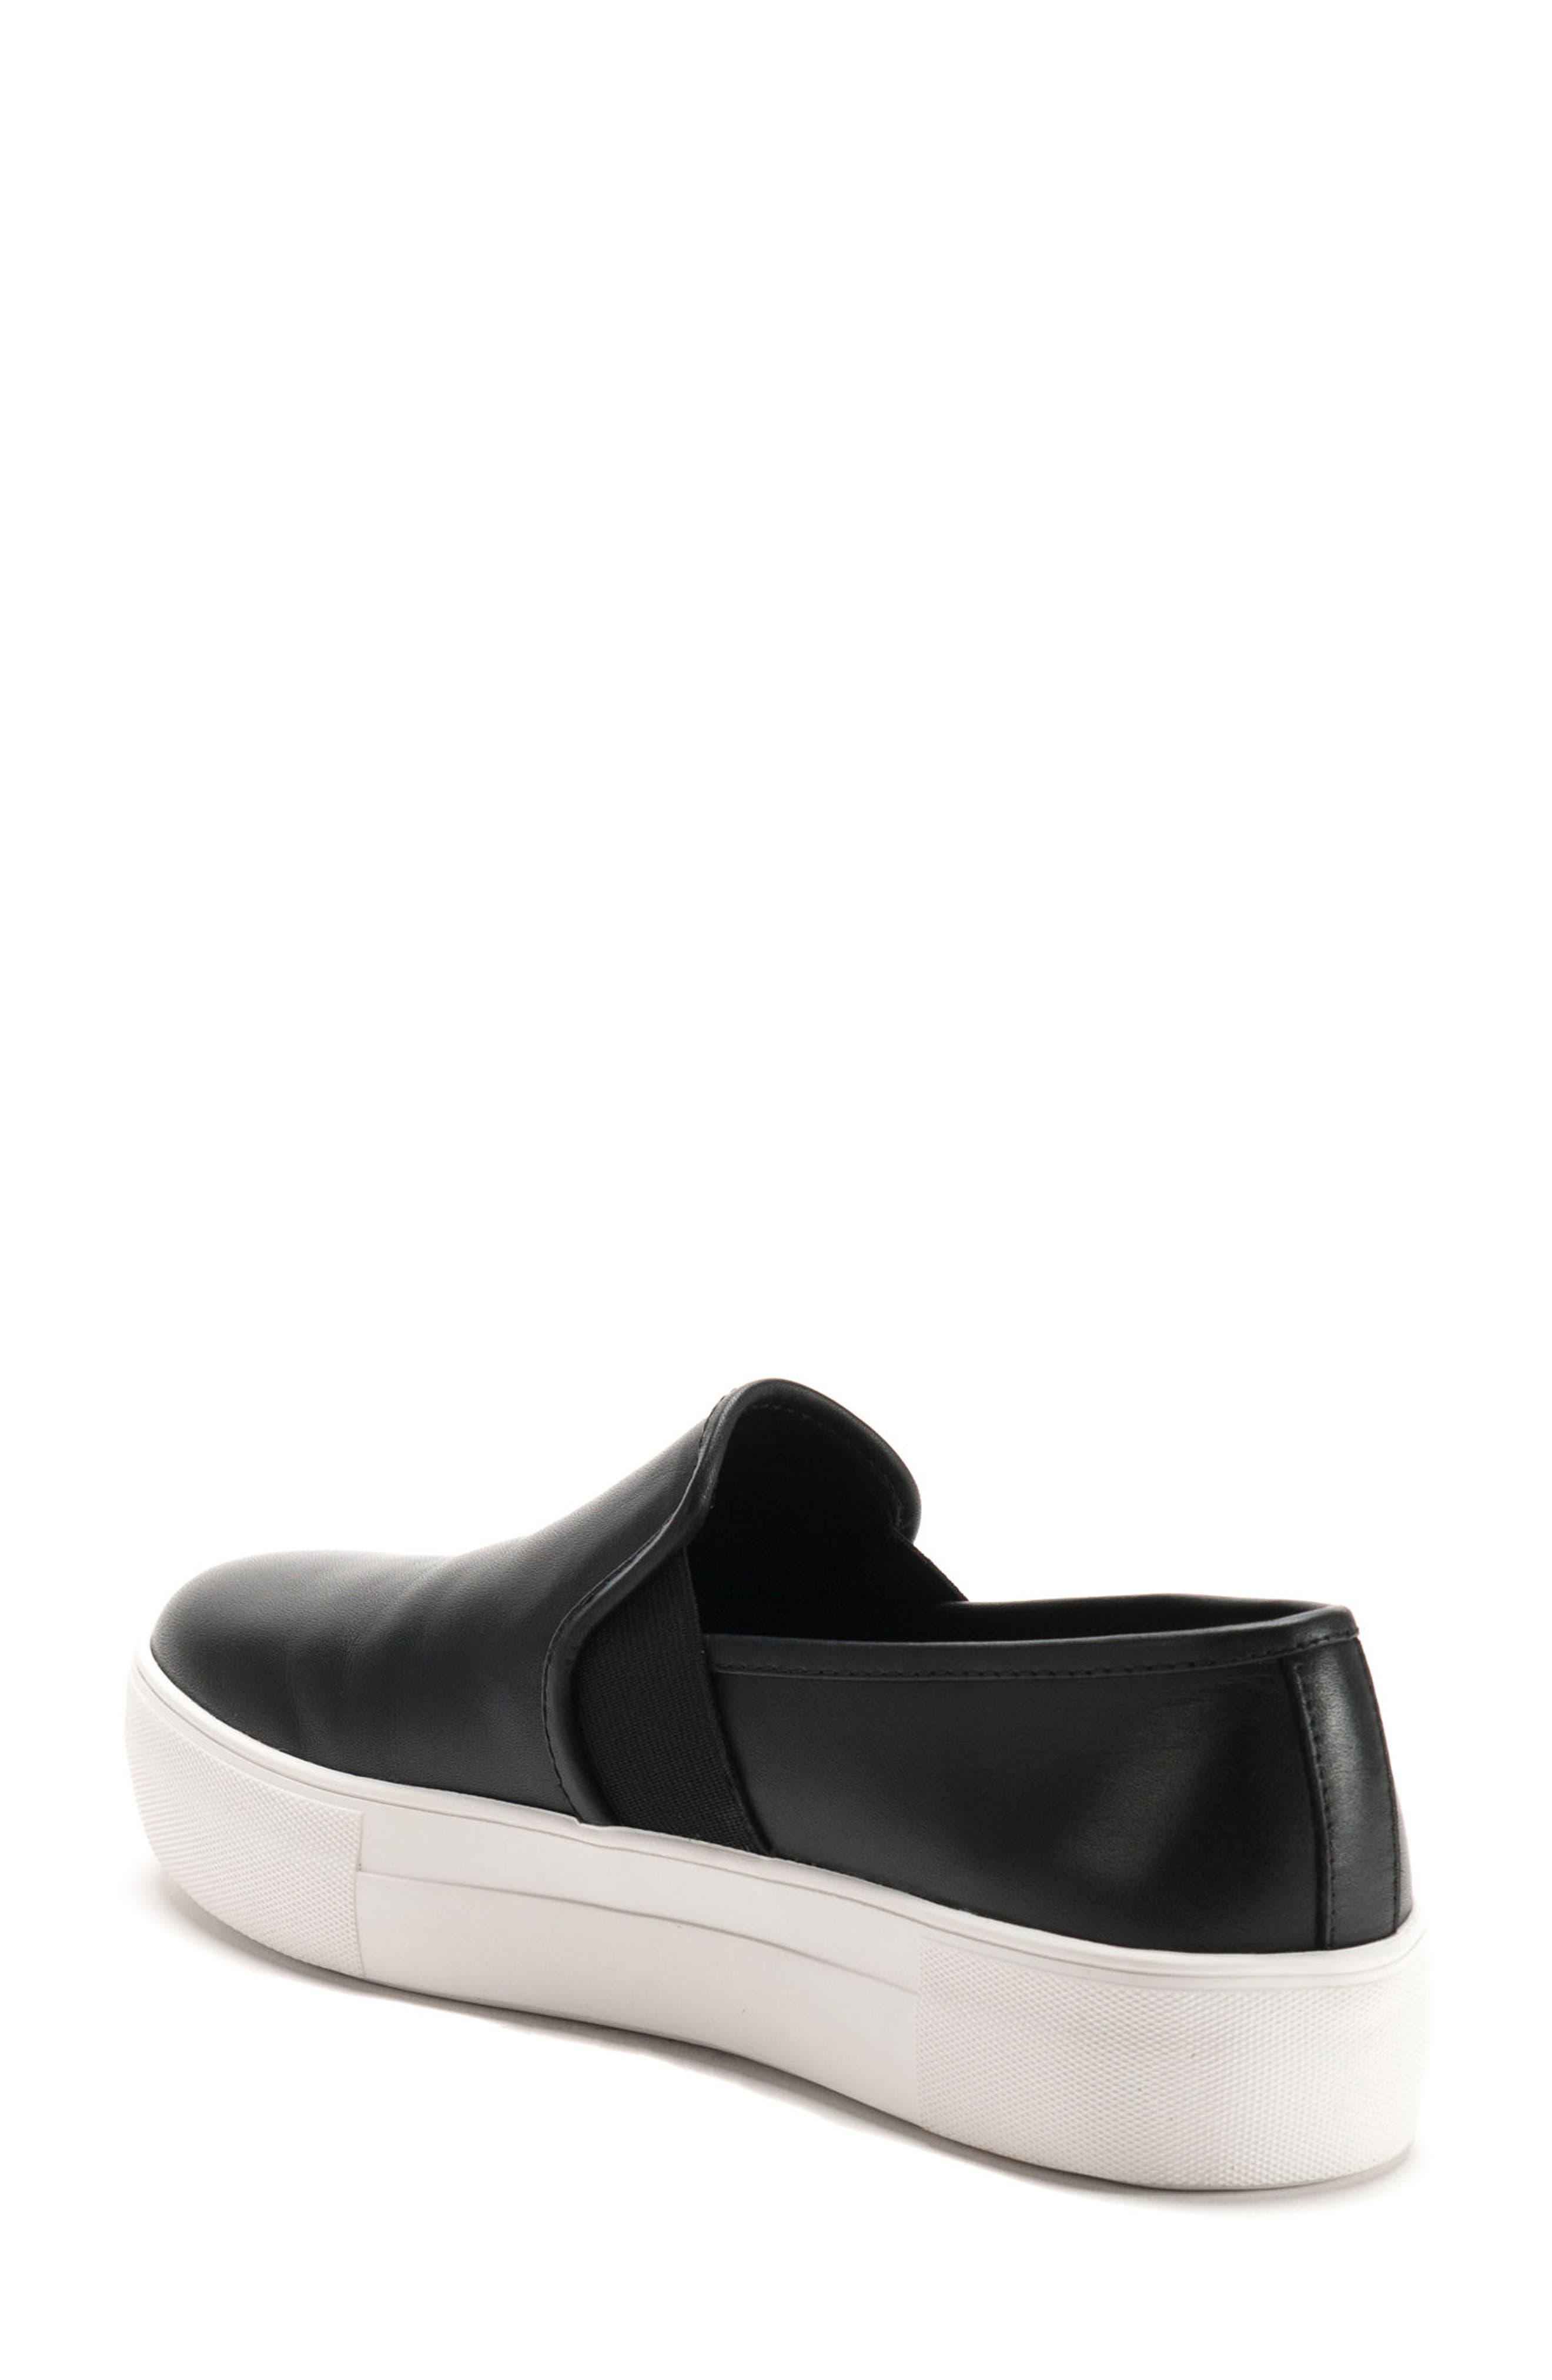 e37292a70cc Women s Blondo Sneakers   Running Shoes